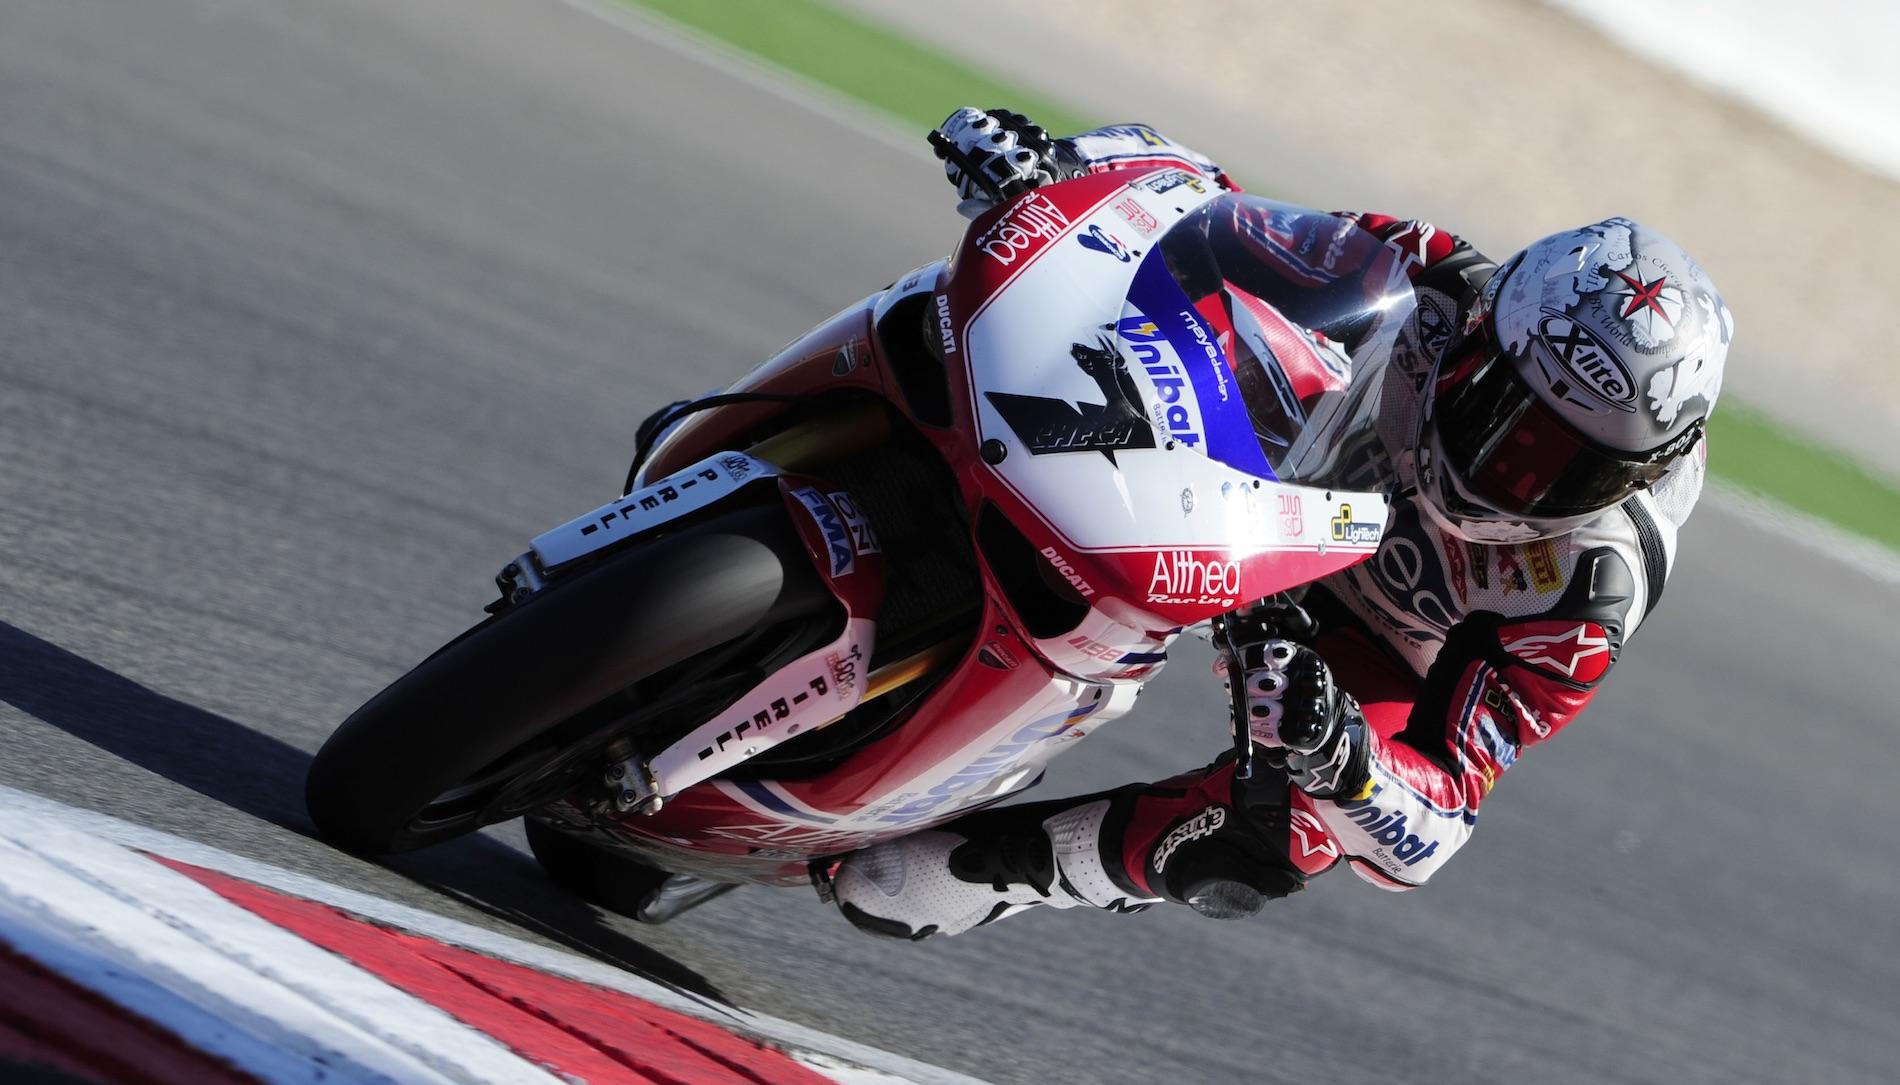 """Carlos Checa: """"Ducati me quería… pero el equipo no tenía presupuesto"""""""